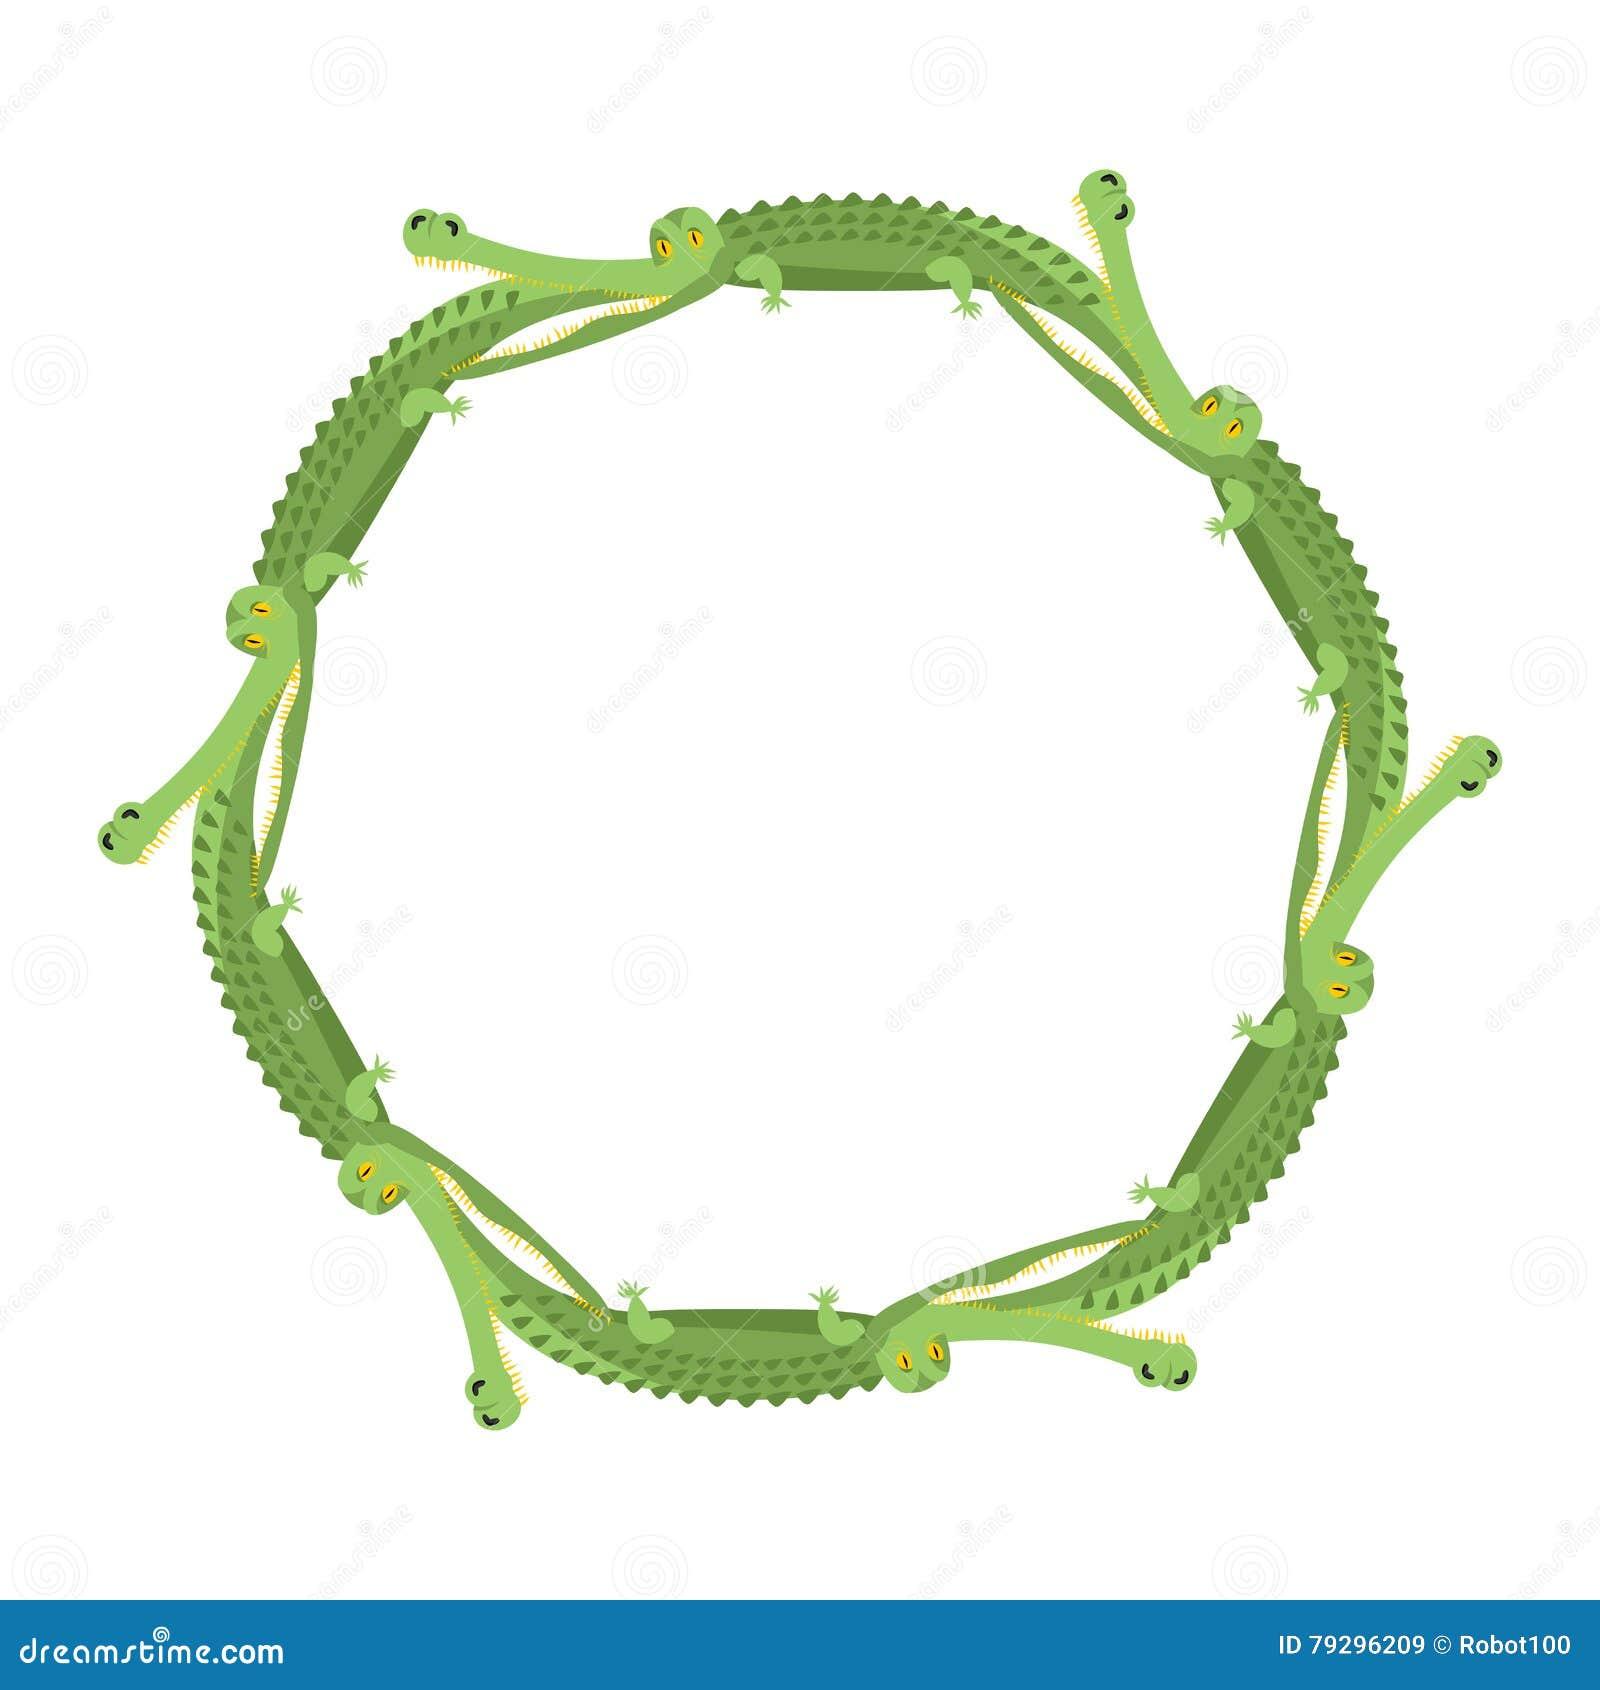 De ring van het krokodilkader Oud totem etnisch ornament alligators